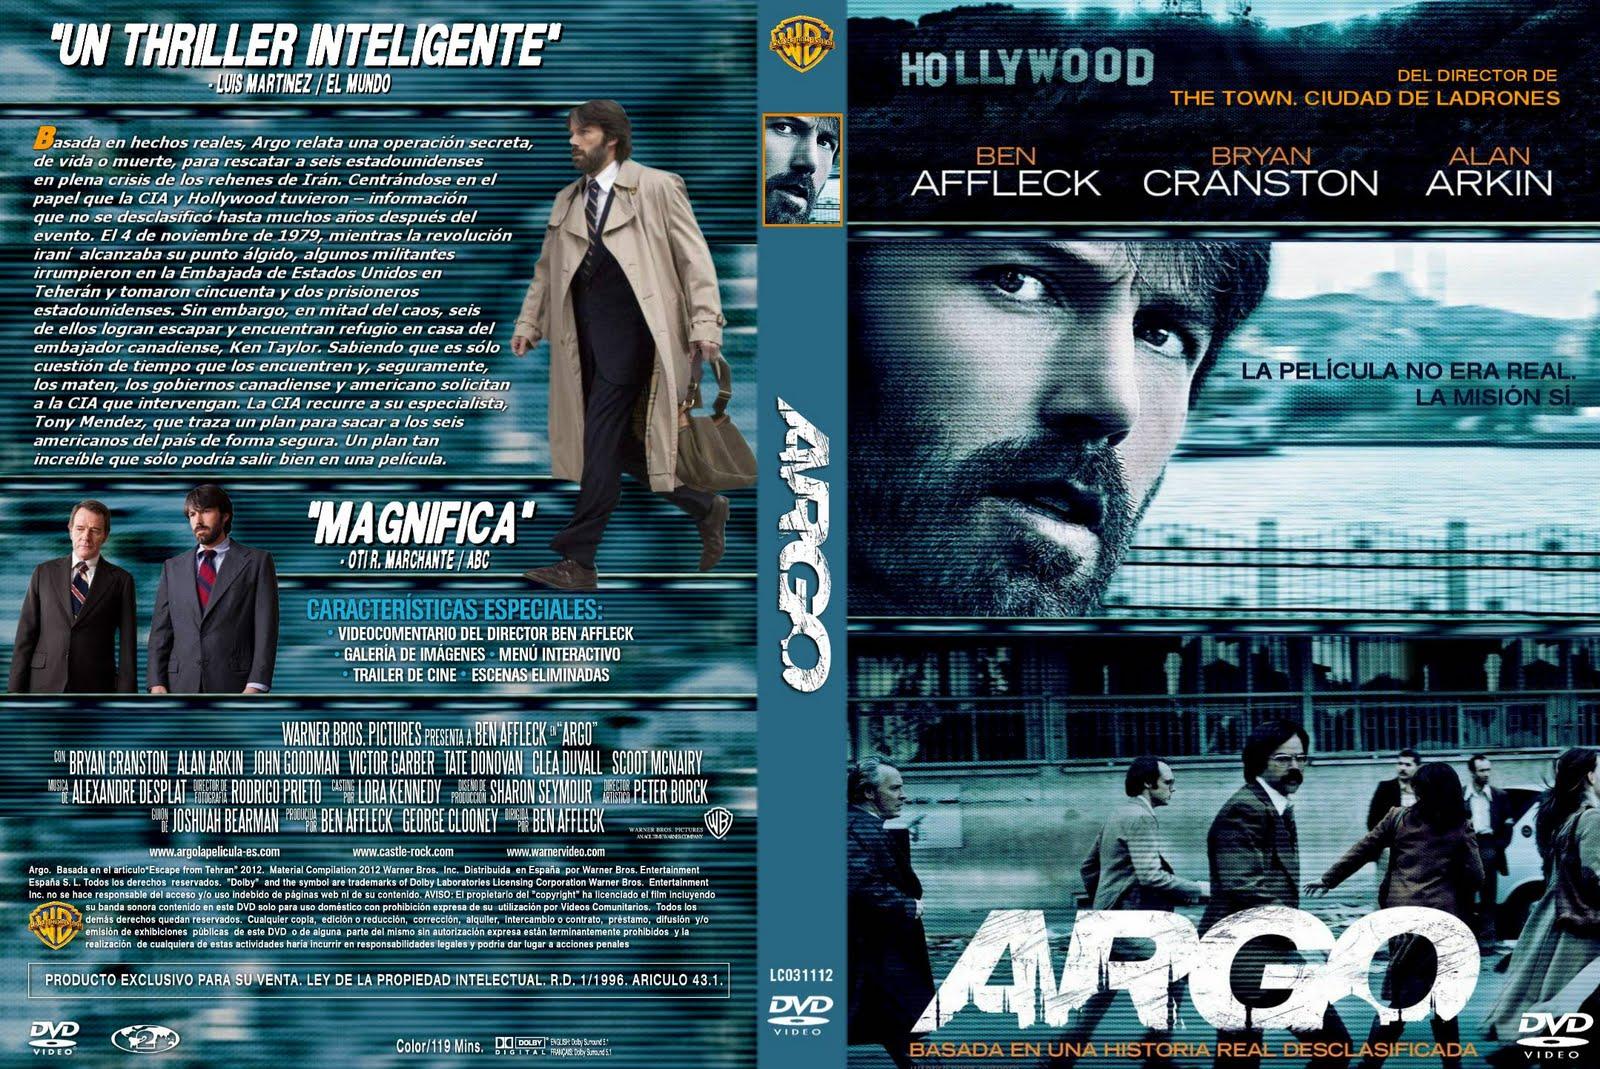 http://3.bp.blogspot.com/-jANuOjgYP-o/UQ6sC-BdKWI/AAAAAAAAC6c/VilUmDeW1as/s1600/Argo.jpg